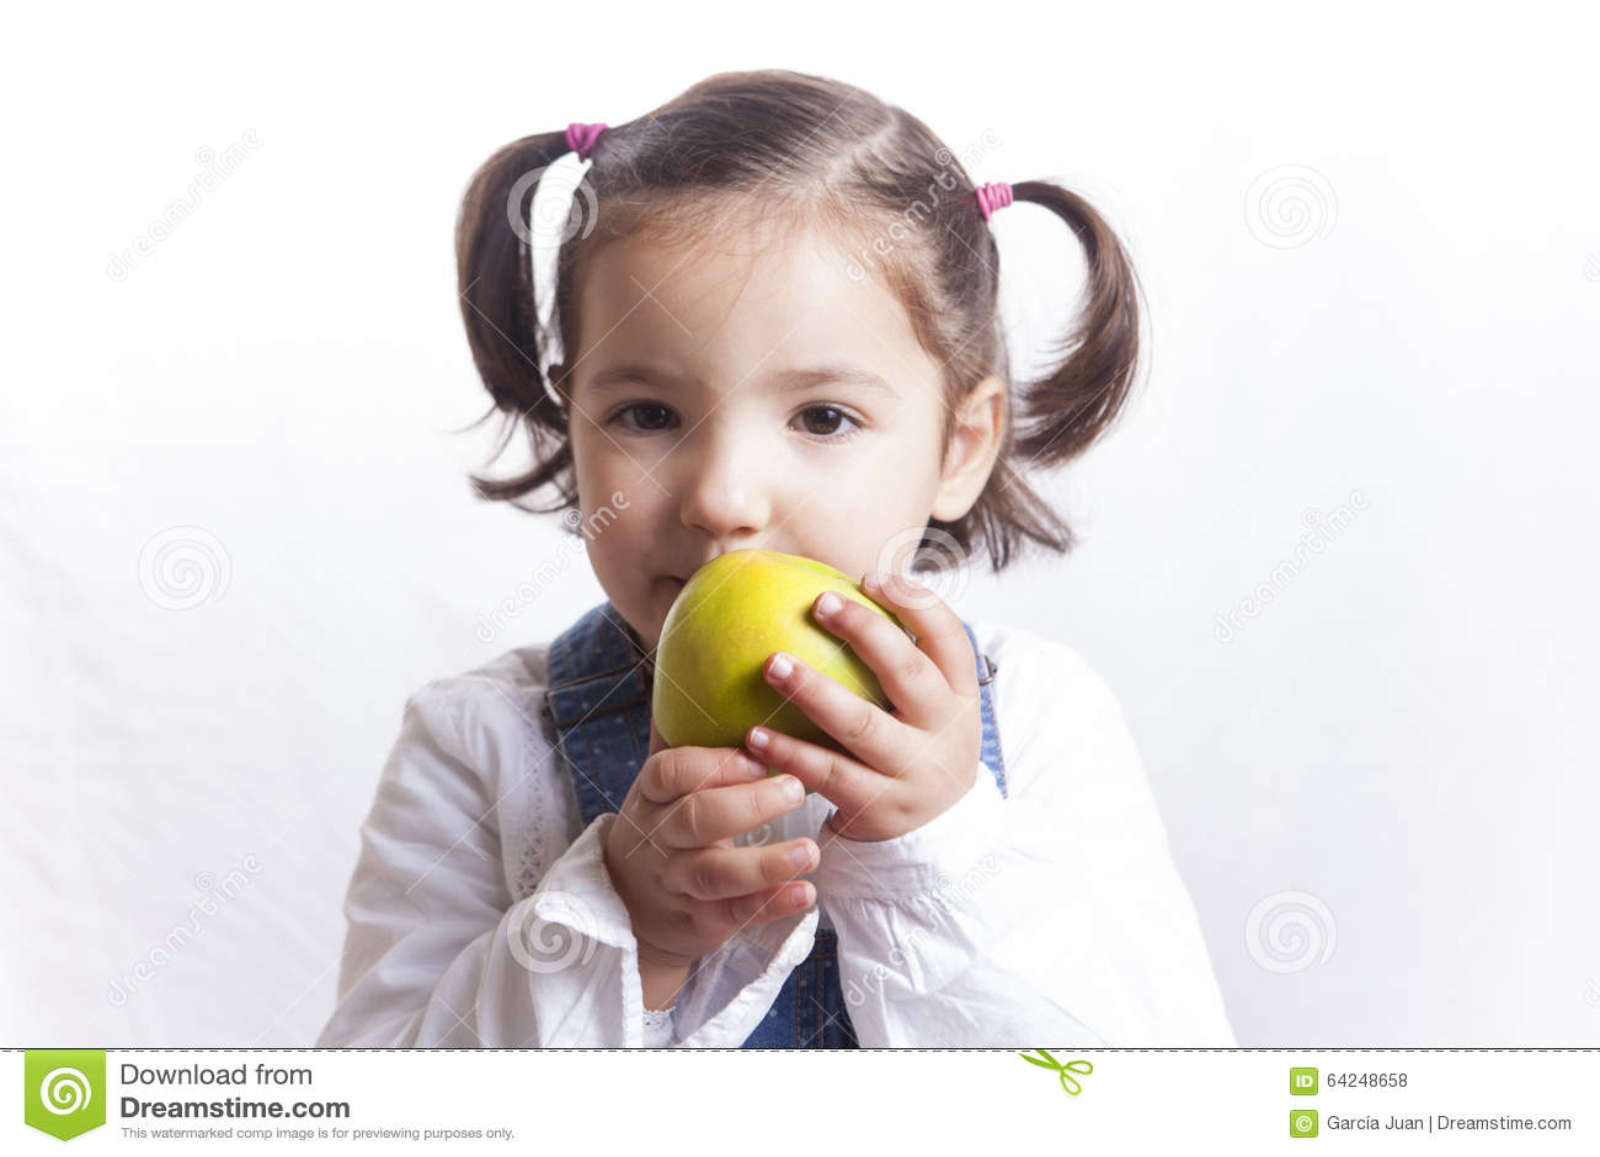 Μικρό κορίτσι που κρατά ένα πράσινο μήλο